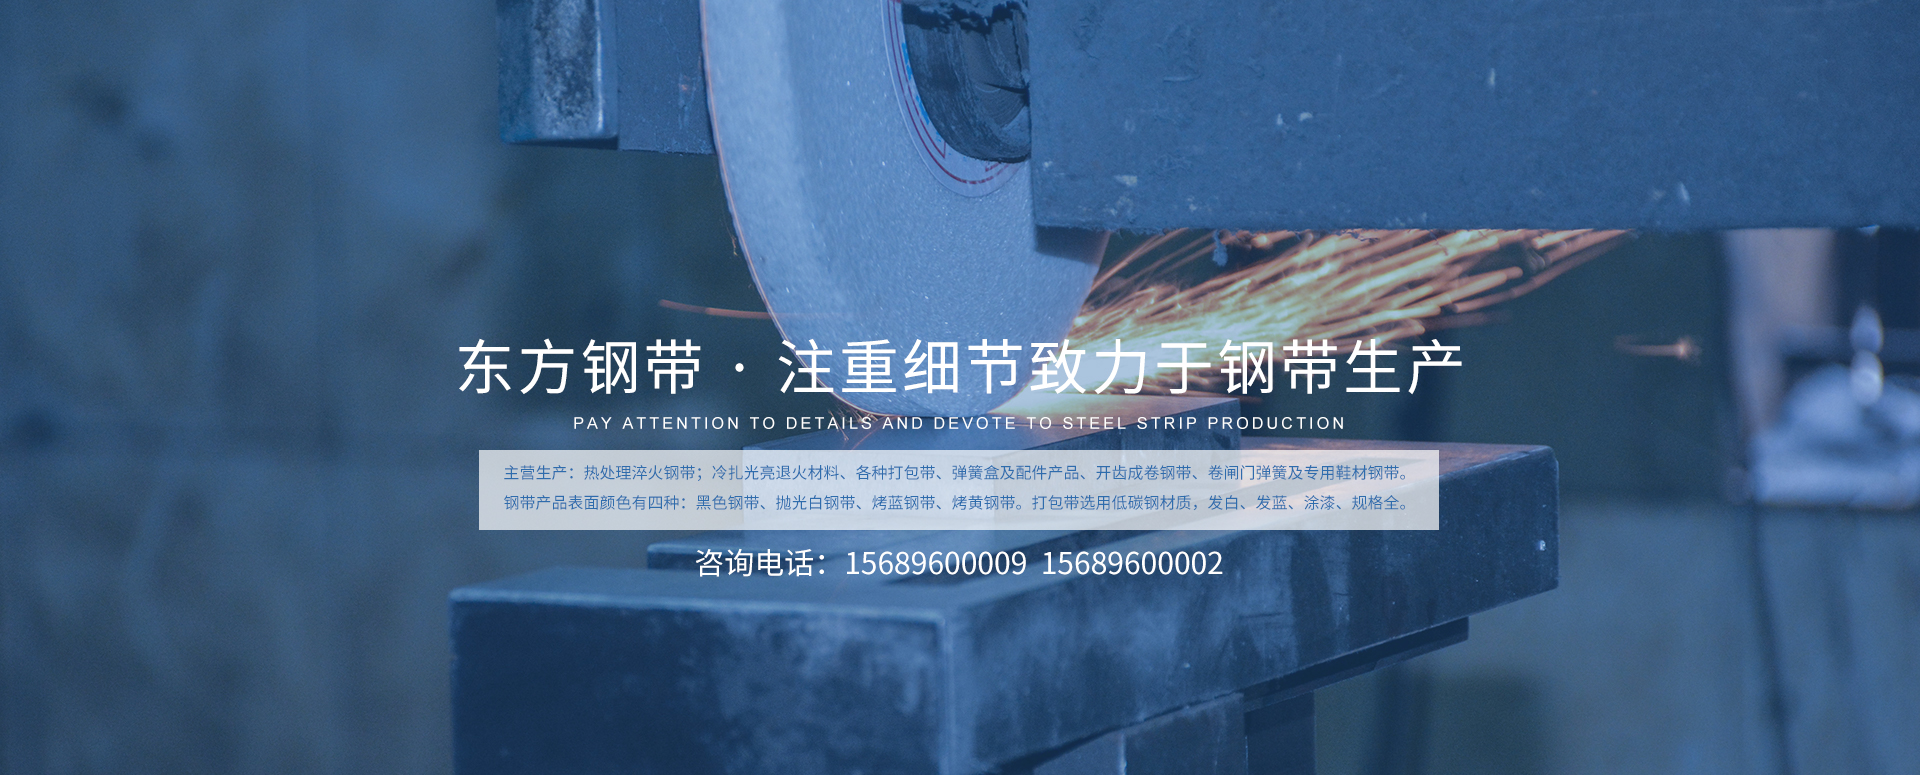 烤蓝钢带厂家,热处理钢带厂家,弹簧钢带厂家,热处理钢带